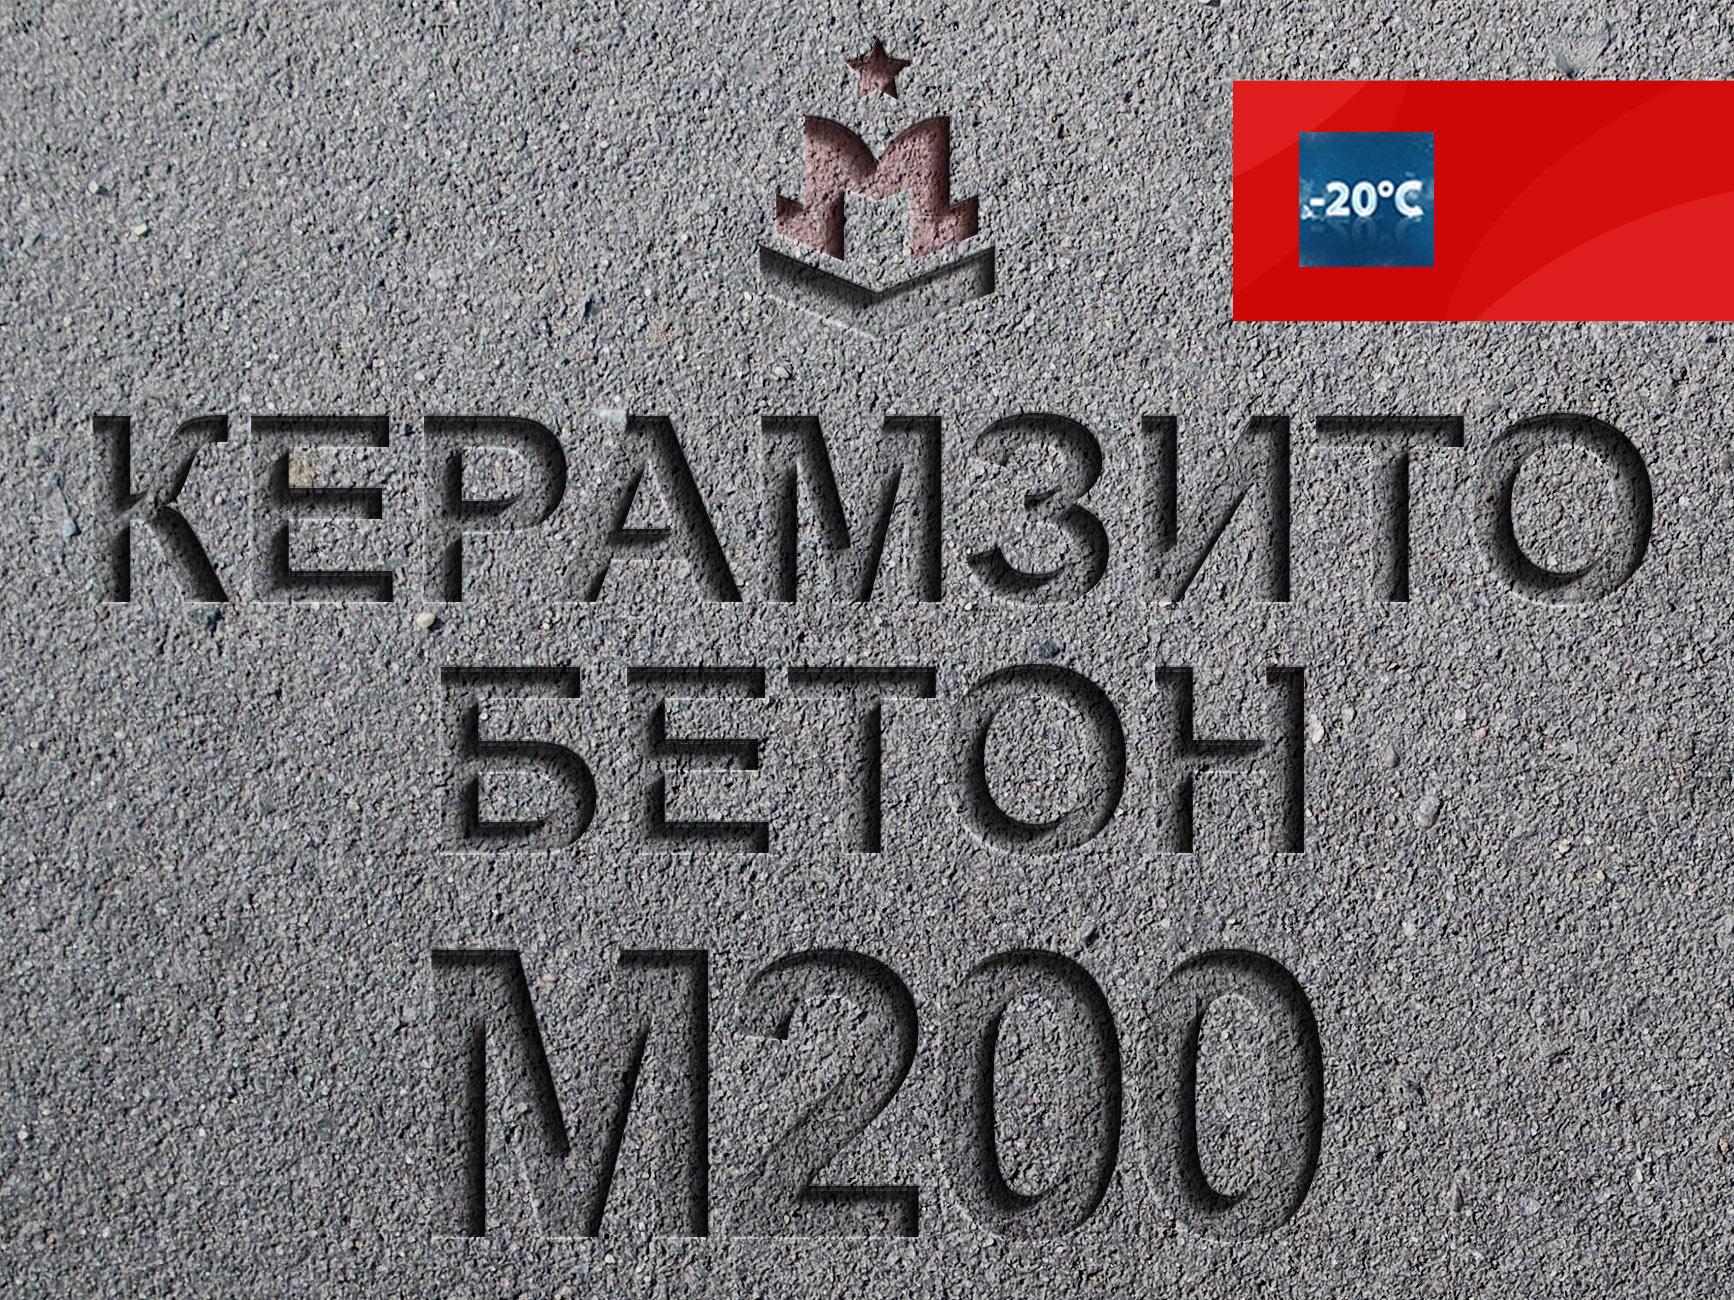 Керамзитобетон м200 марка коронка по бетону купить омск